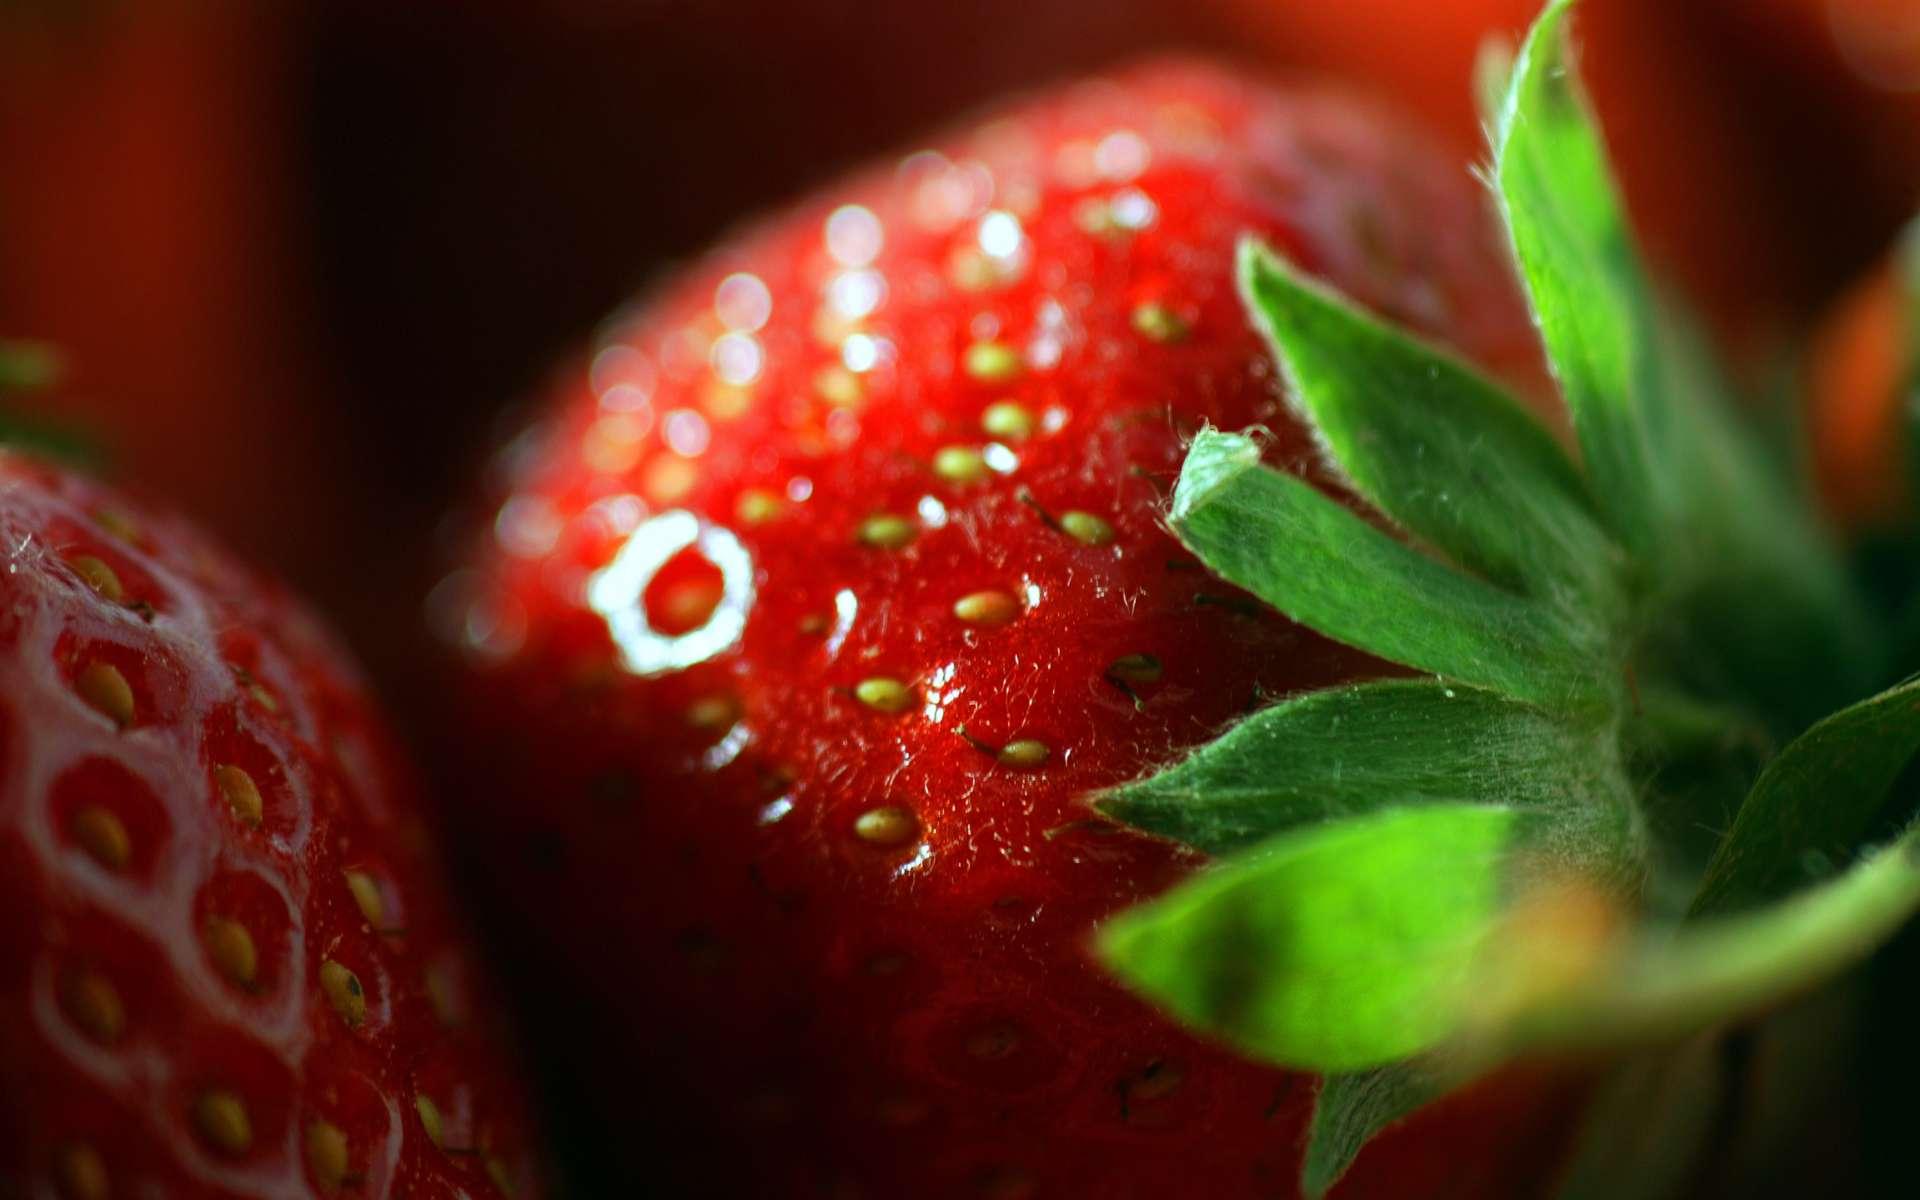 Comme le cranberry, la fraise contient des antioxydants, connus sous le nom de proanthocyanidines, qui lui confèrent ses bienfaits pour lutter contre les infections urinaires. © Phovoir